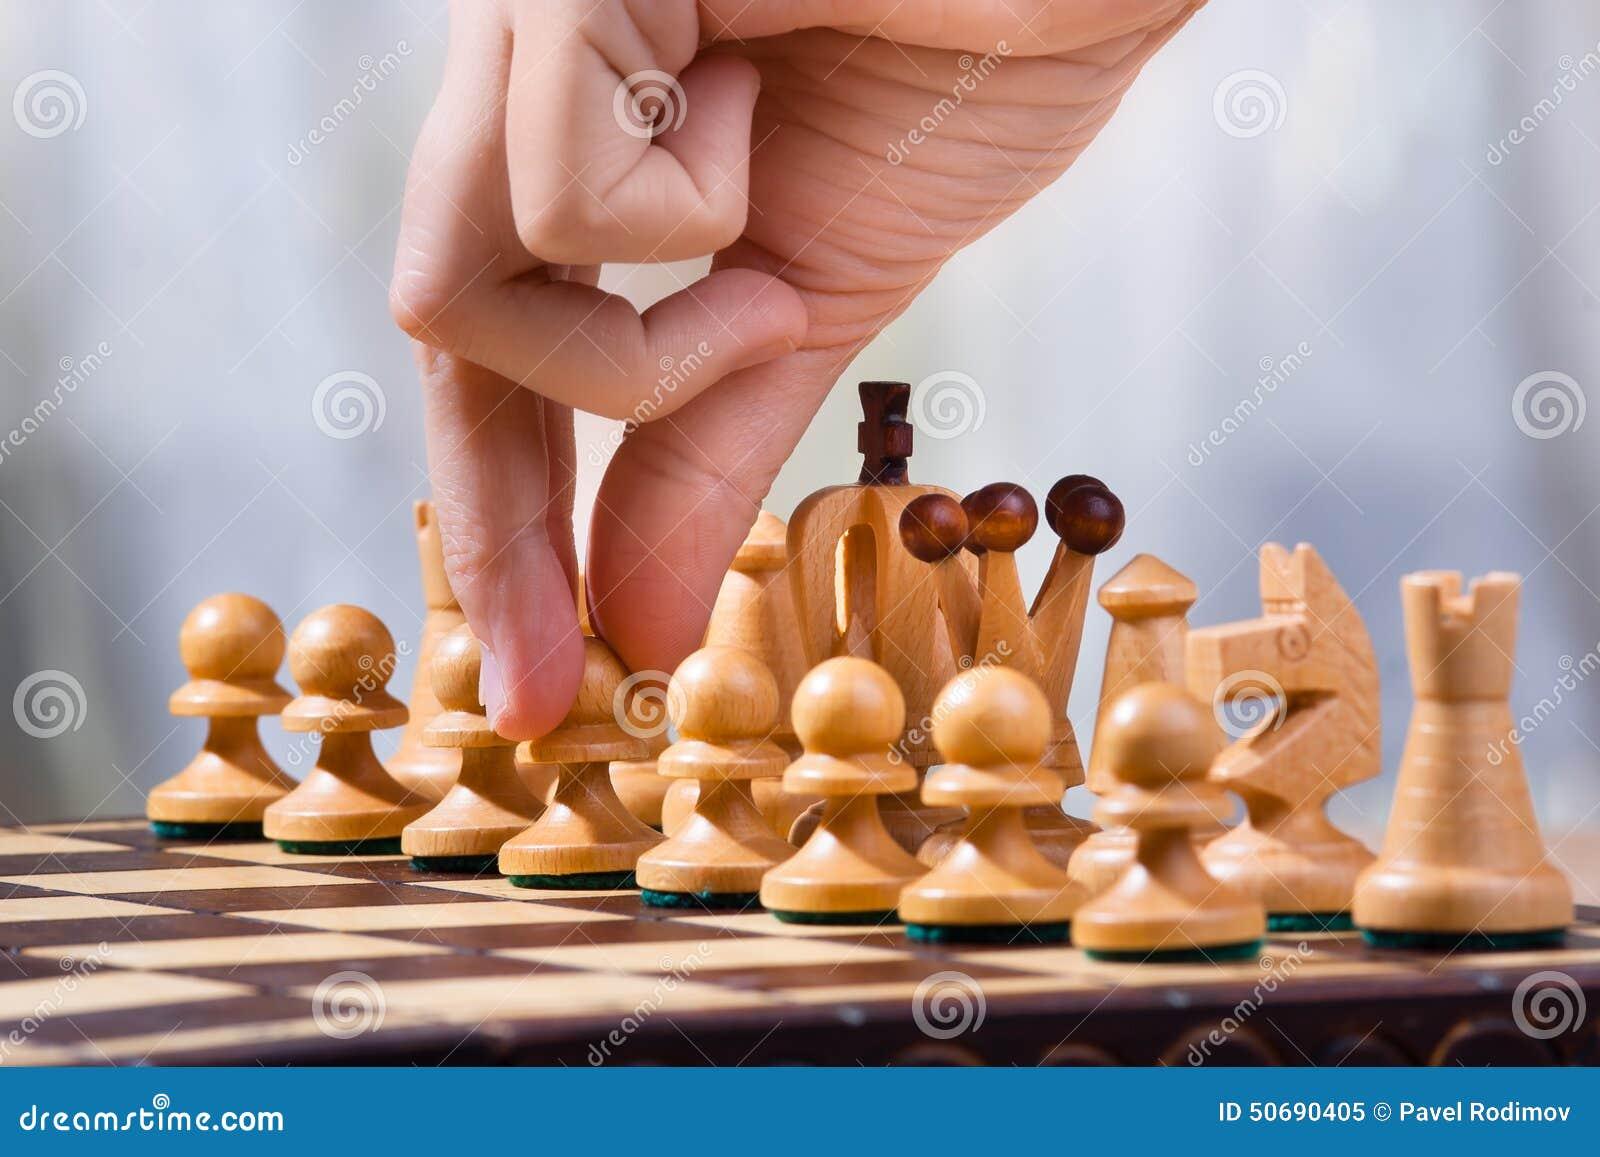 Download 移动典当 库存图片. 图片 包括有 移动, 休闲, 风险, 对象, 概念, 骑士, 棋枰, 决策, 女王 - 50690405